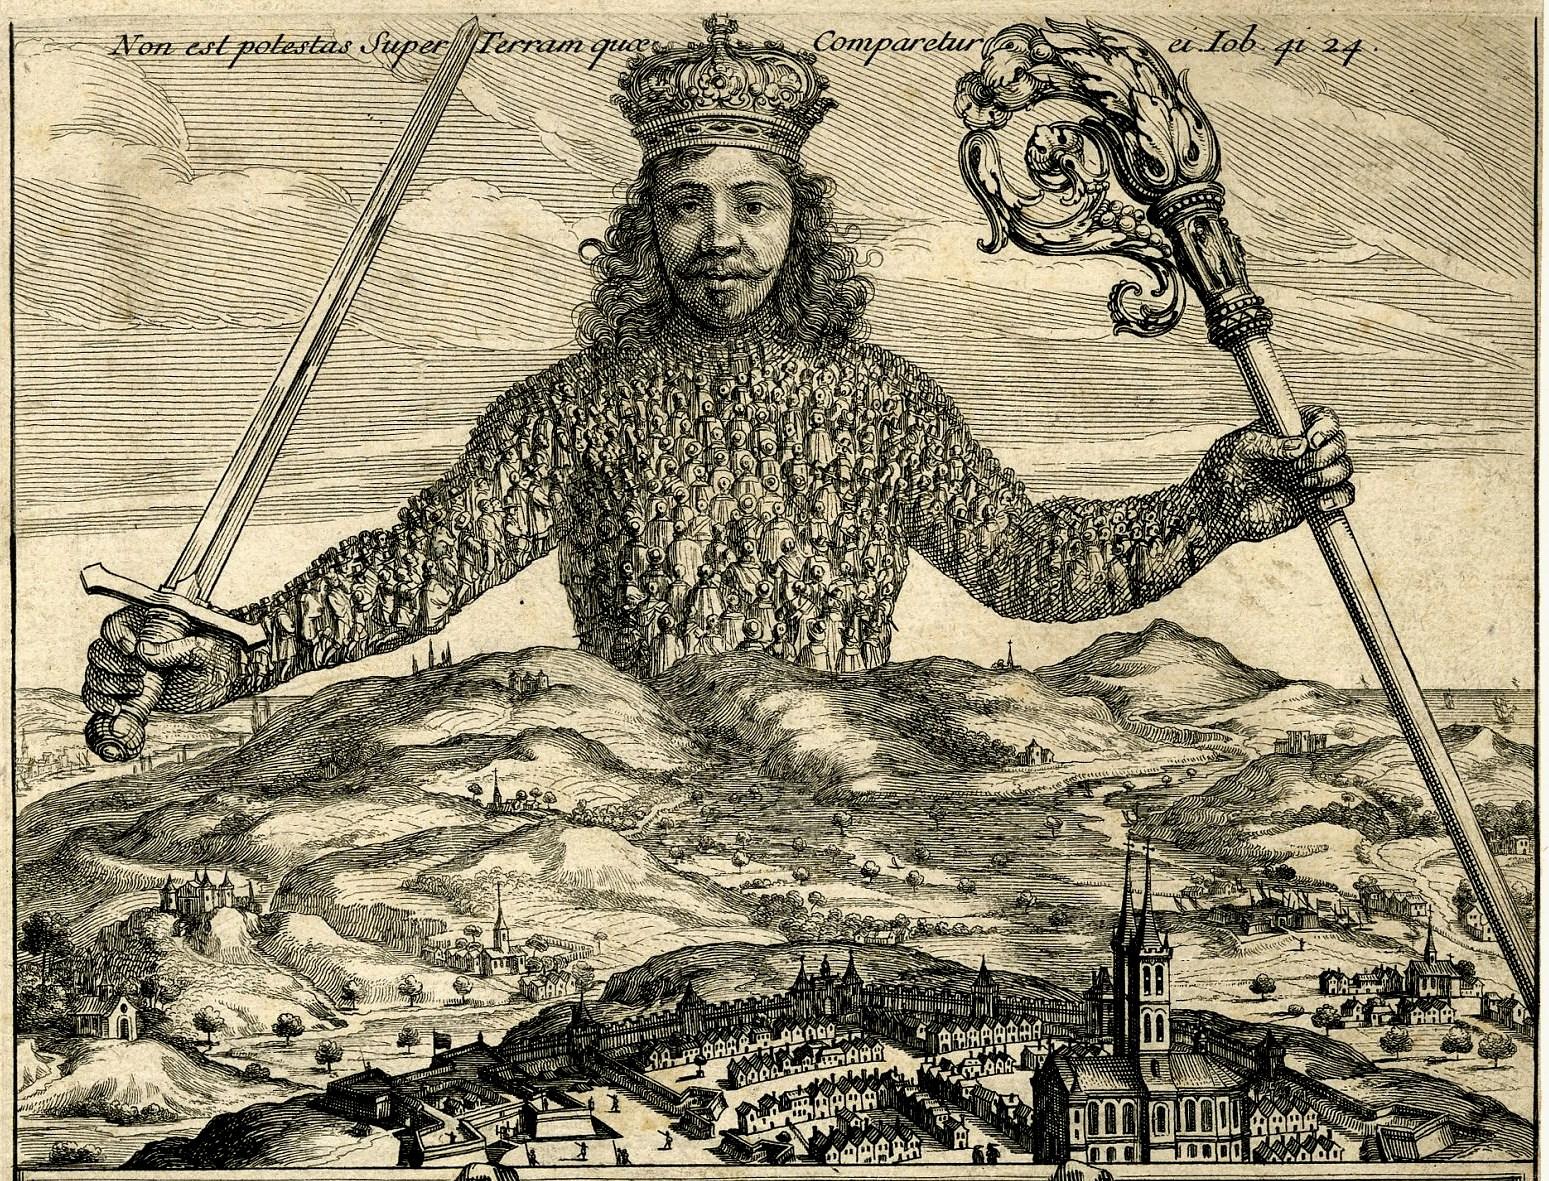 Leviathan is het bekendste werk van Thomas Hobbes (1588-1679), via